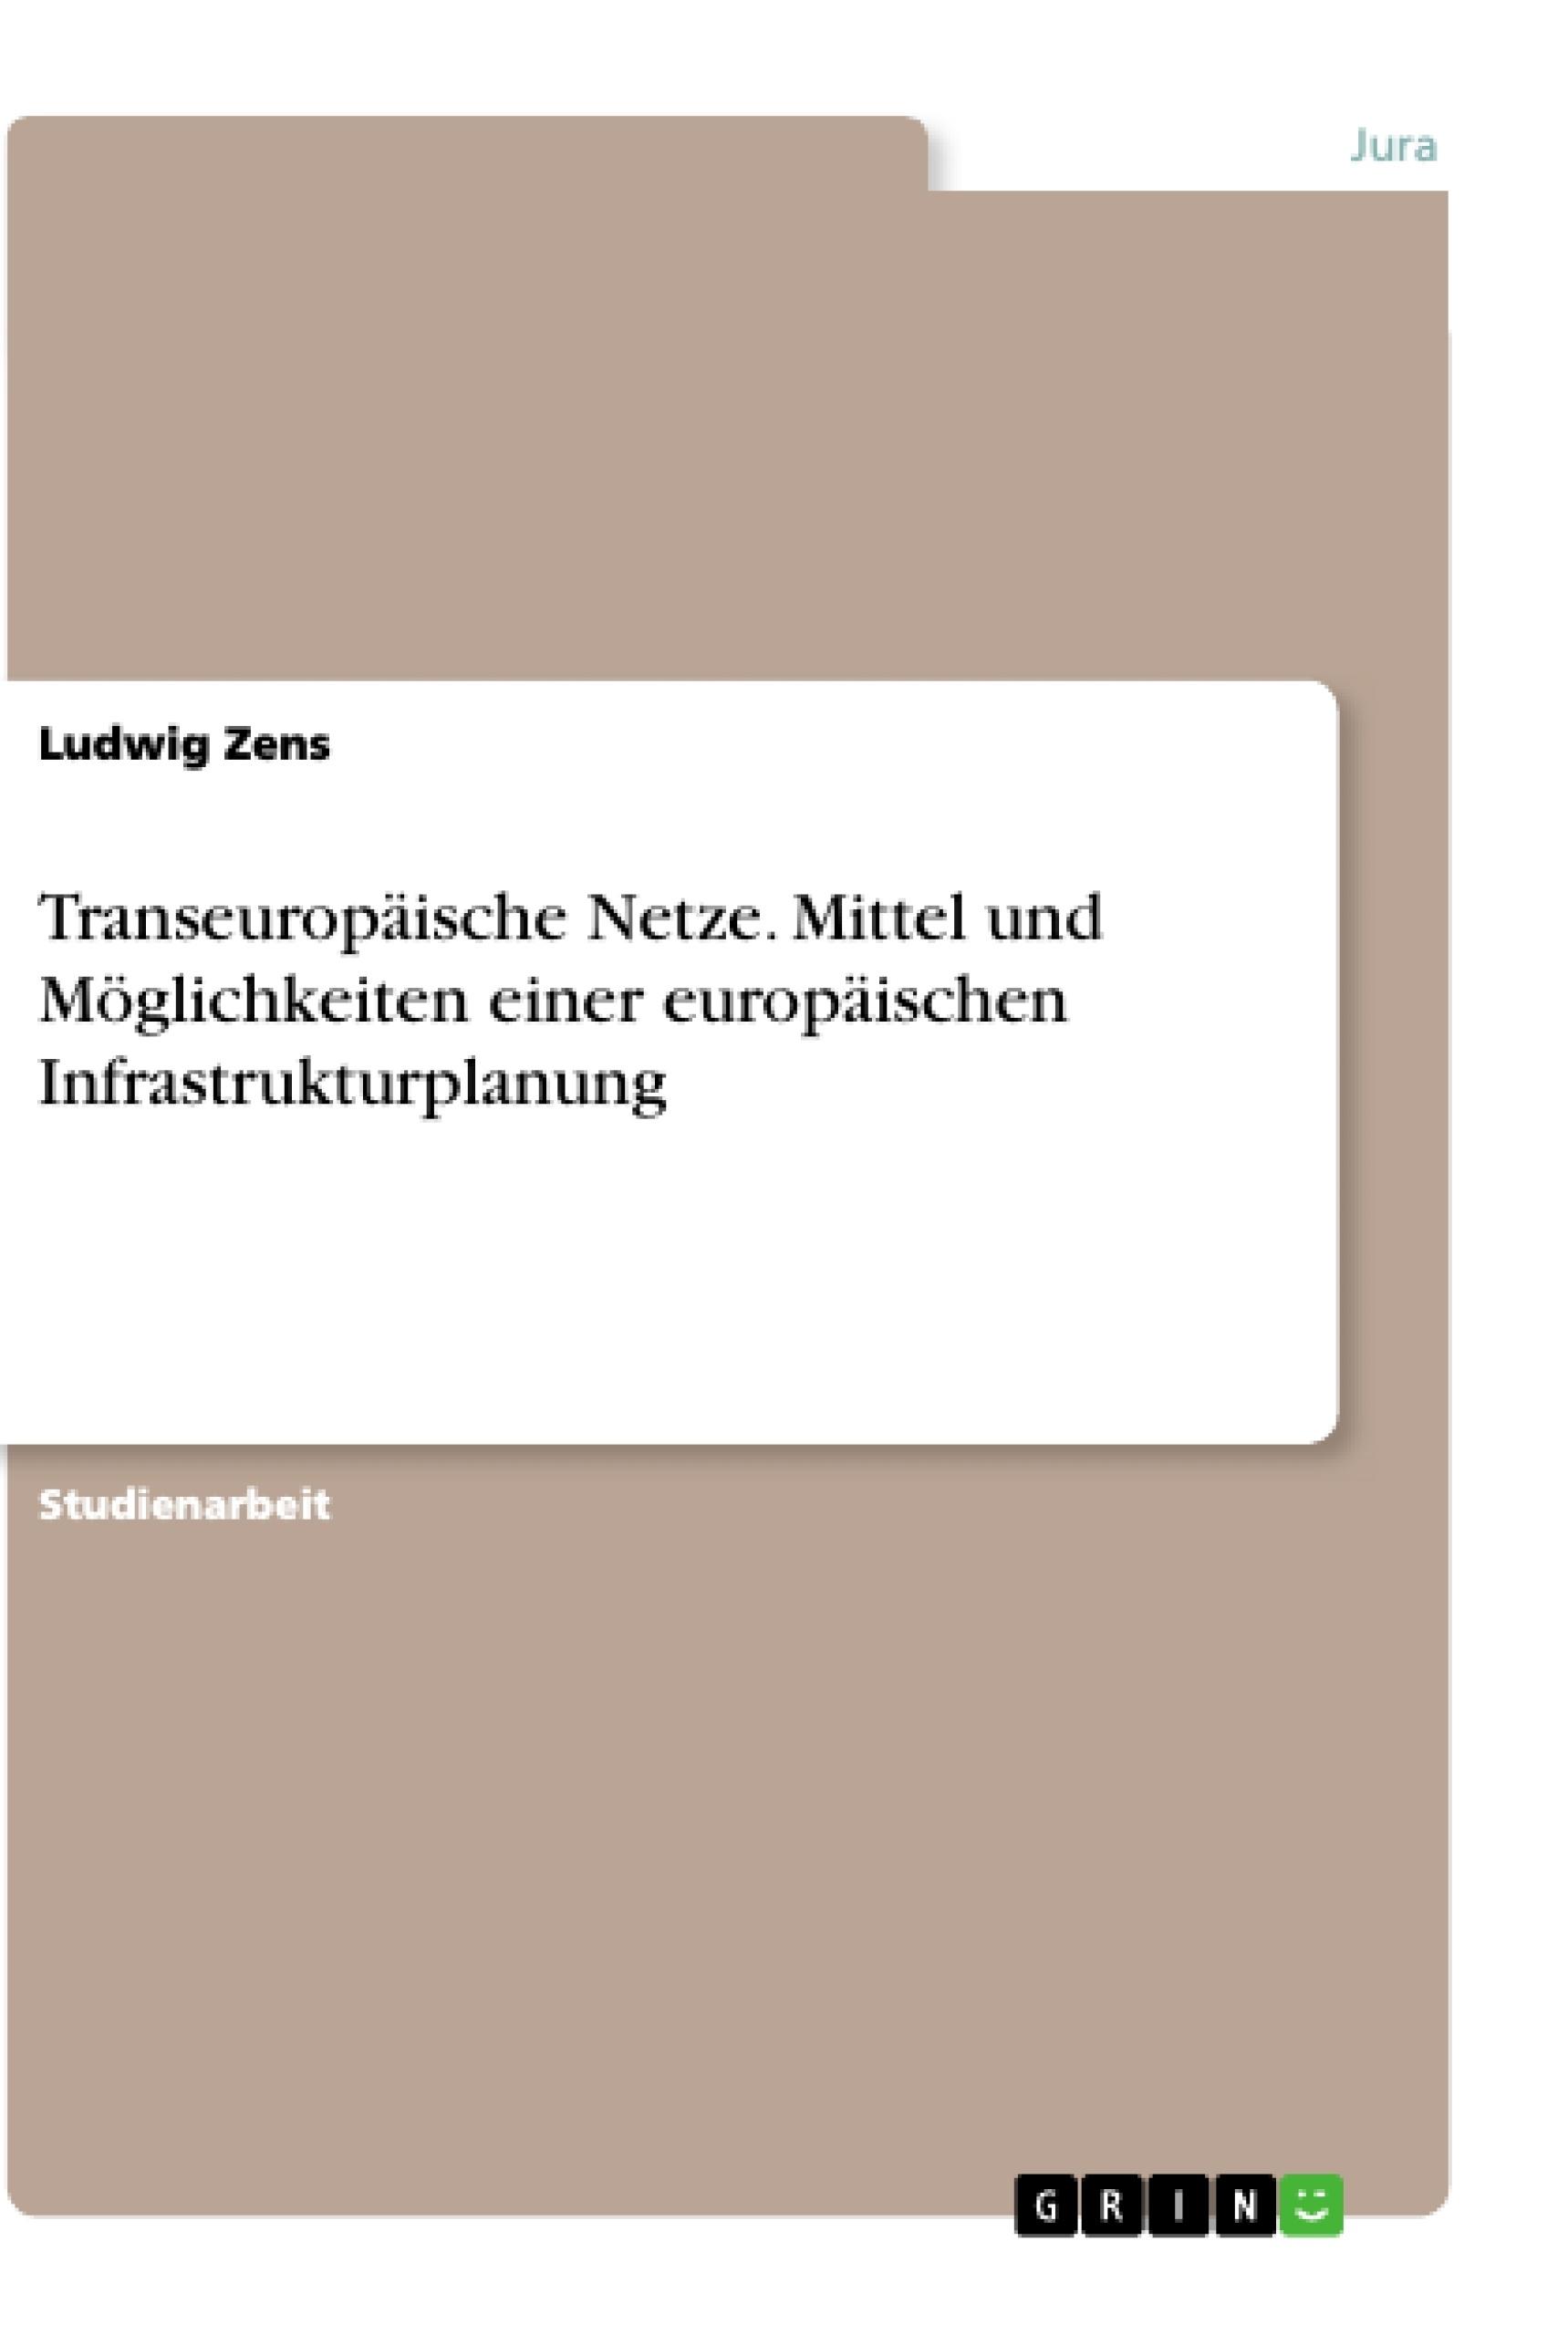 Titel: Transeuropäische Netze. Mittel und Möglichkeiten einer europäischen Infrastrukturplanung